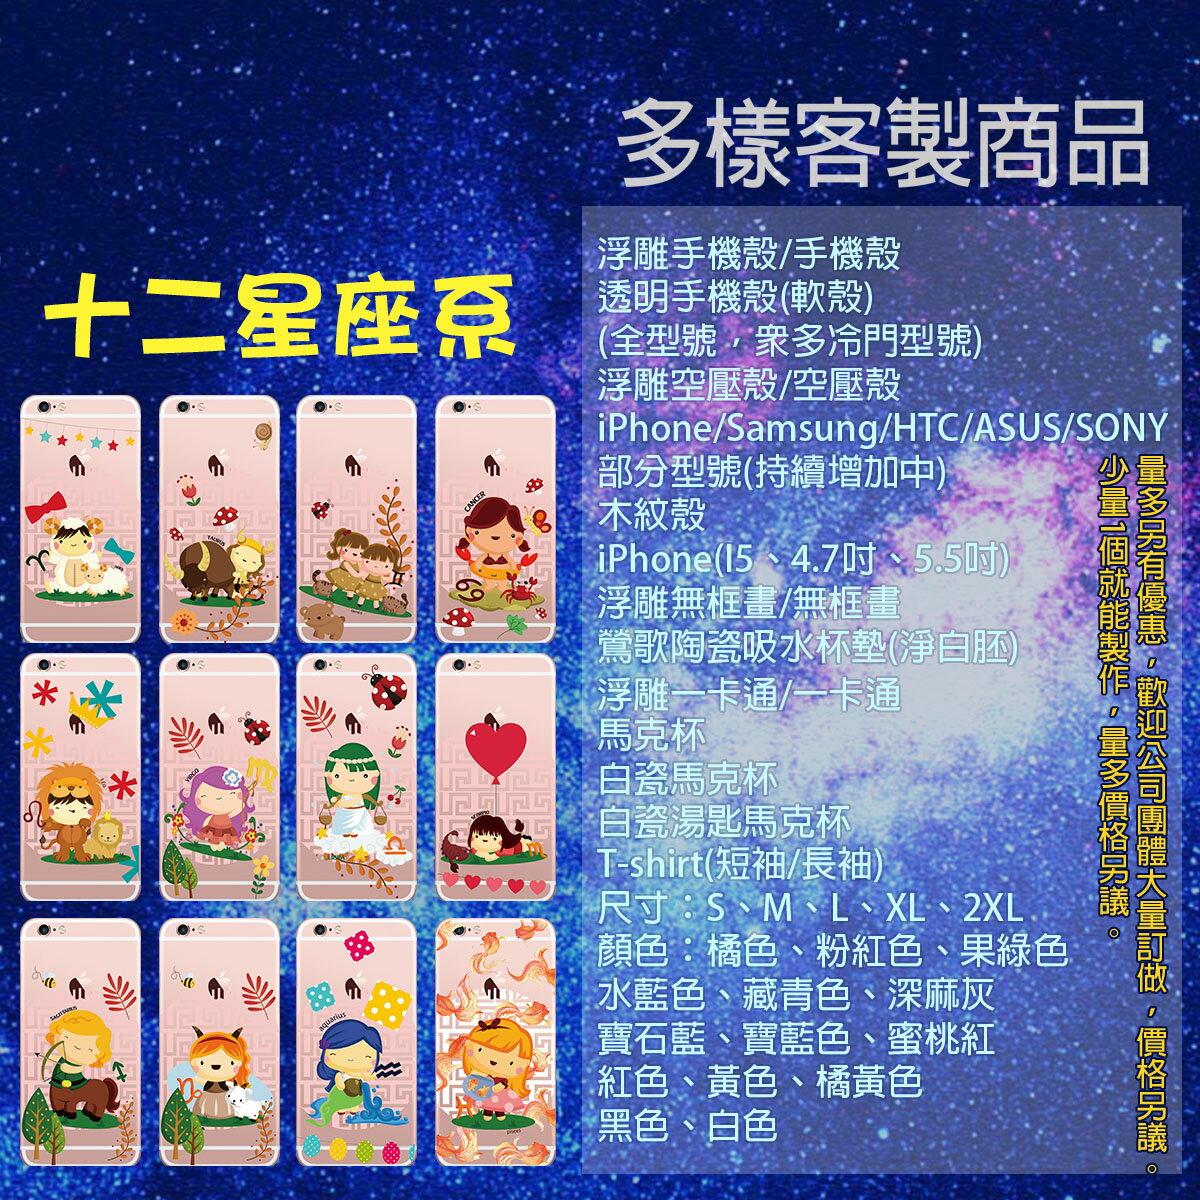 [APPLE] ✨ 十二星座系列透明軟殼 ✨ 日本工藝超精細[I5,ISE/I6,I6S/I6+,I6s+] 1